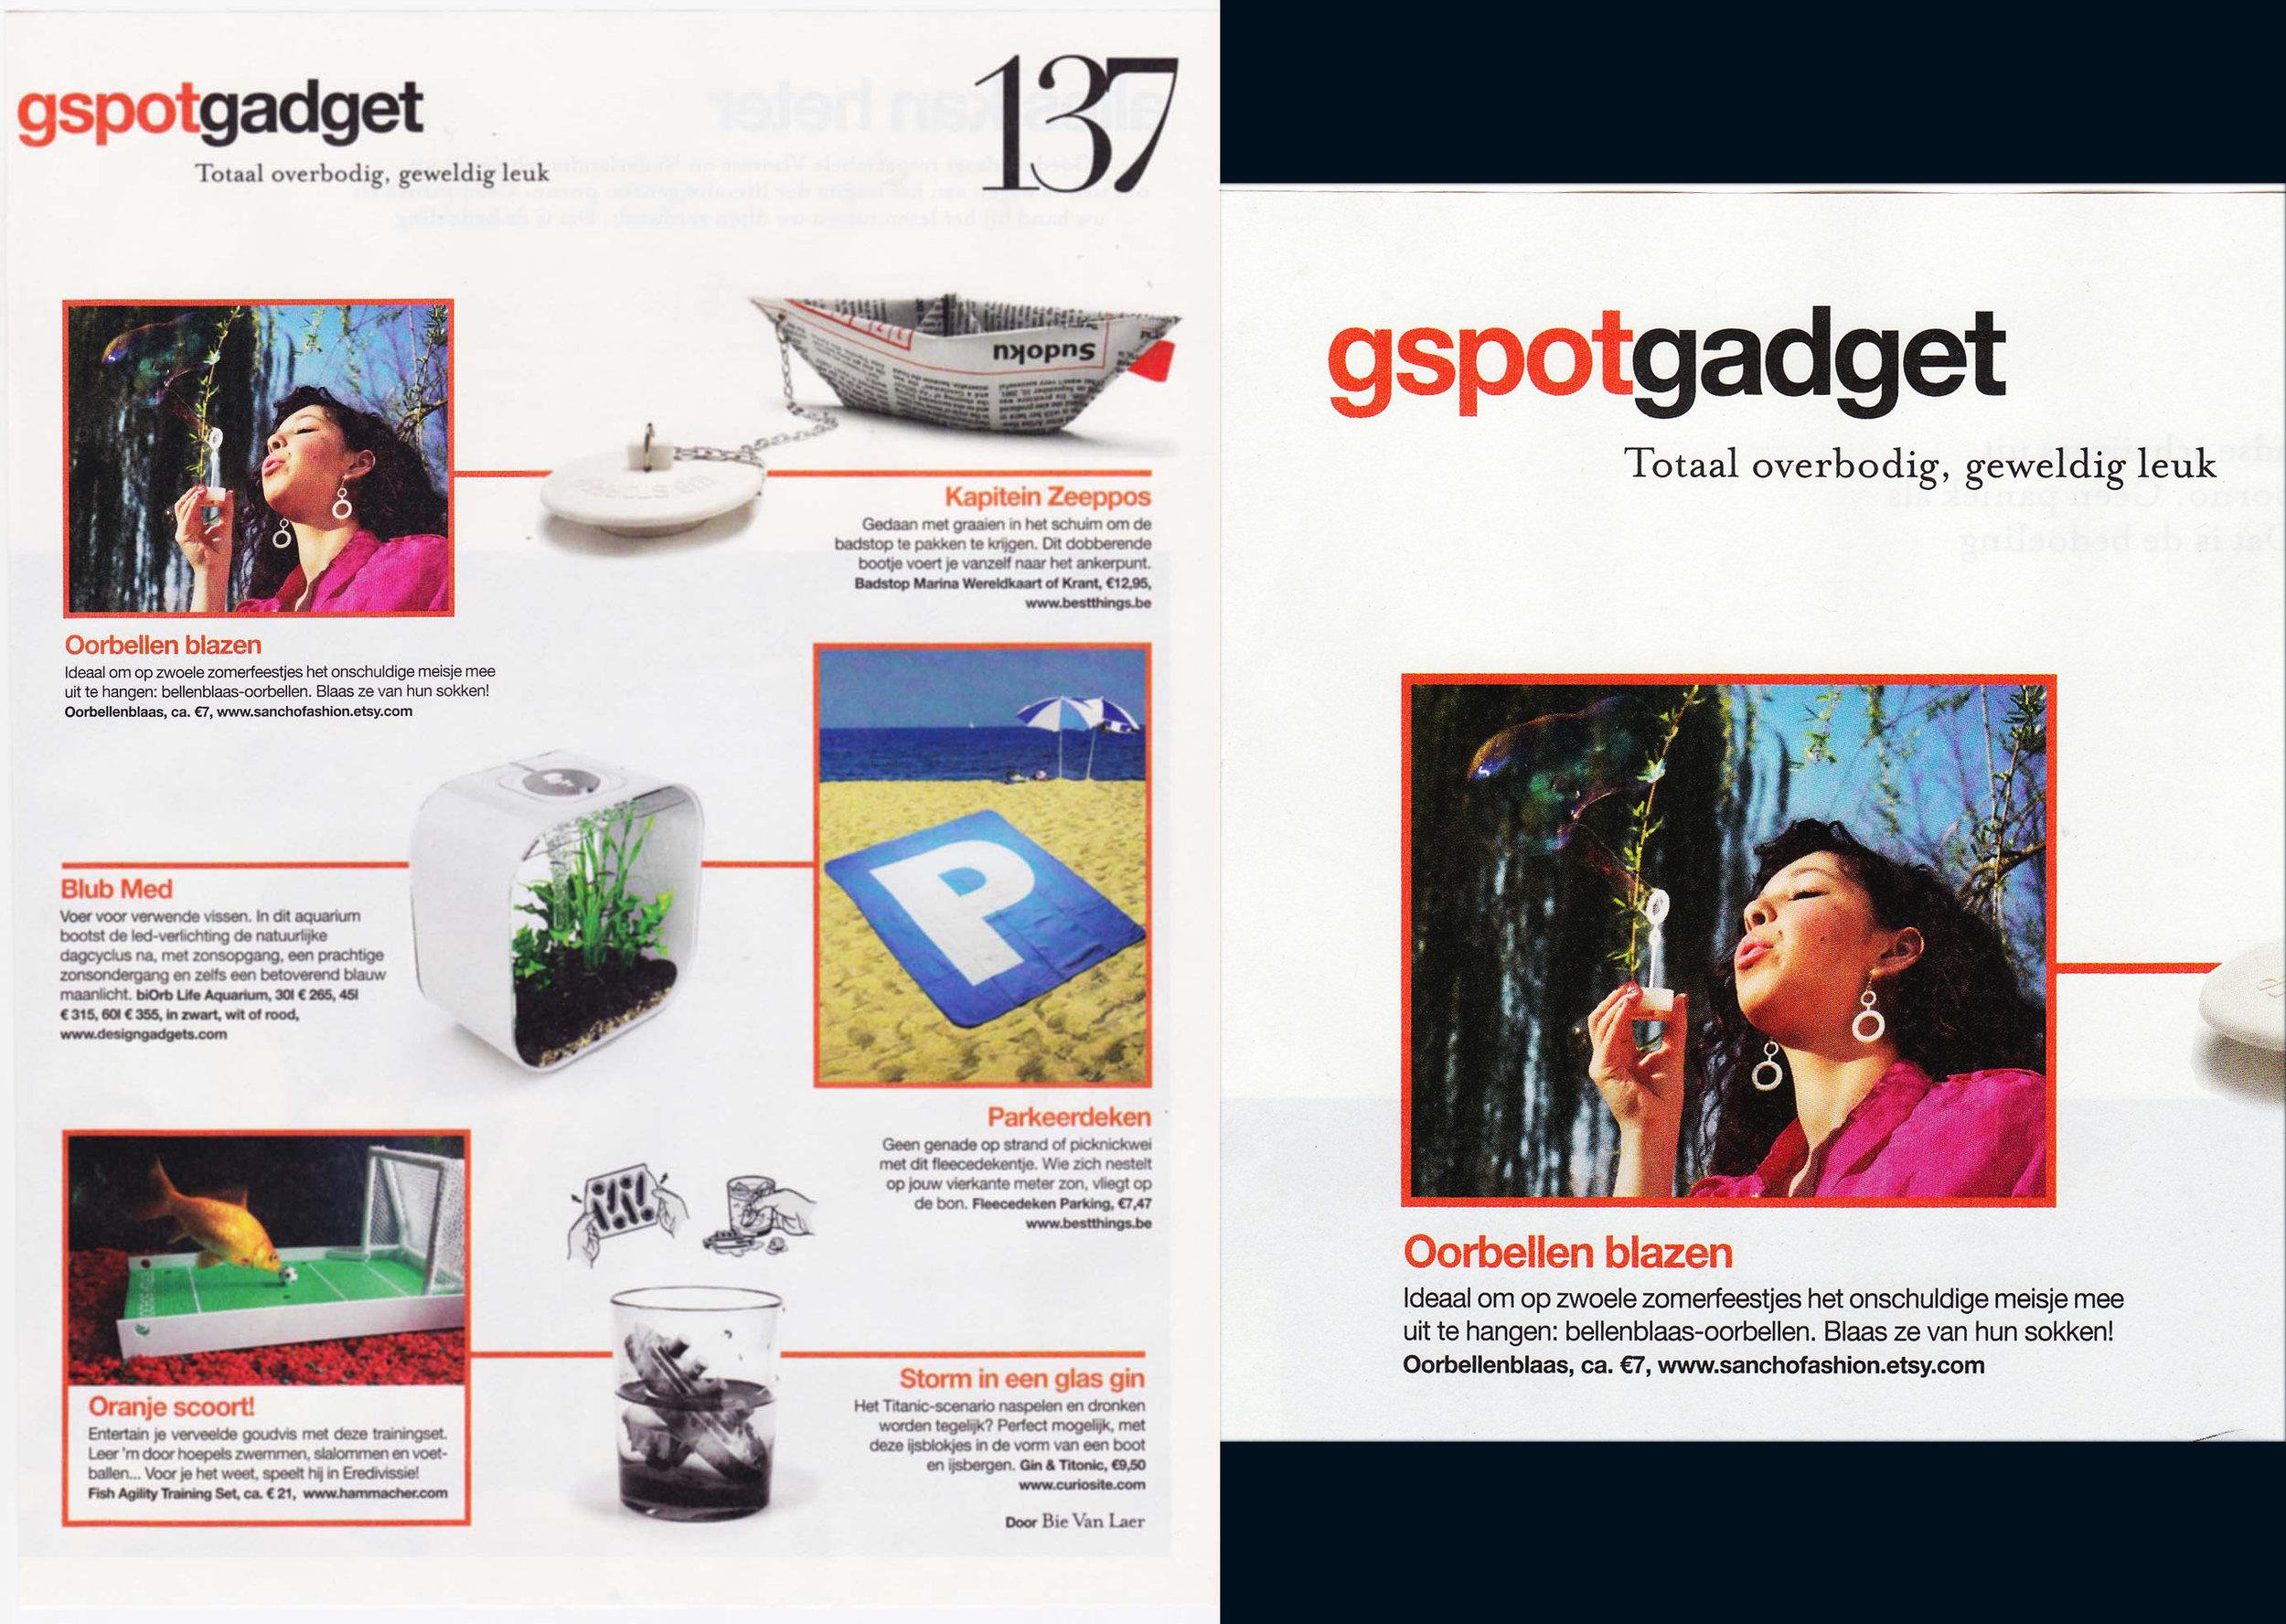 'Goedele' - Lifestyle magazine published in Belgium & The Netherlands